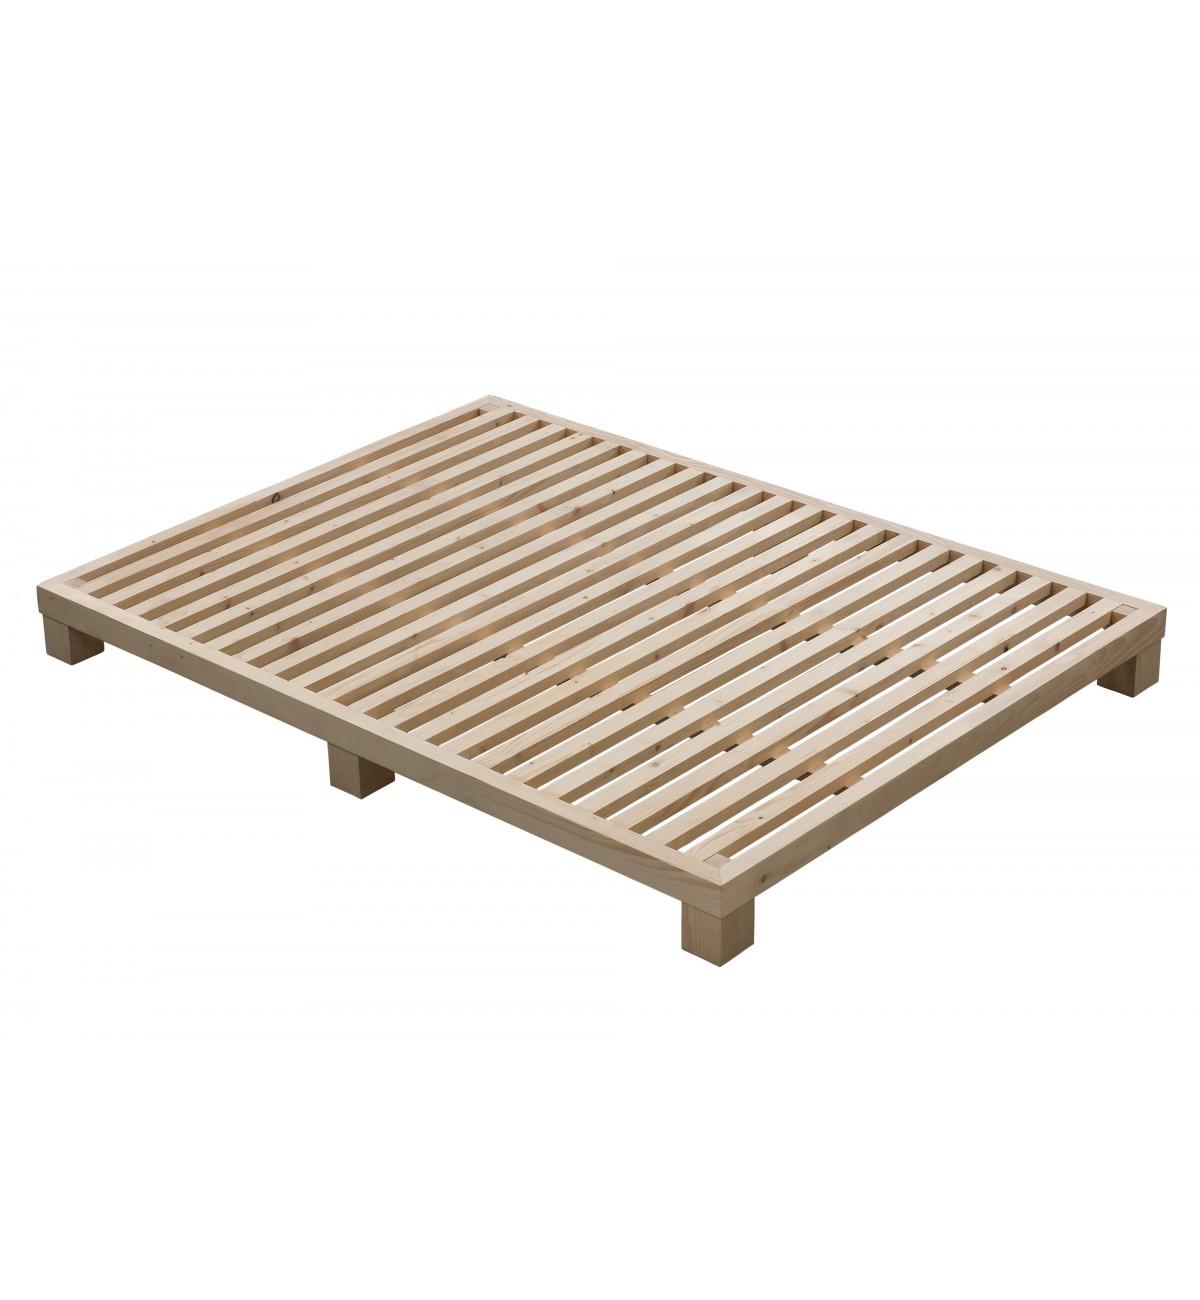 Somier de madera maciza nordik donalit - Patas de madera para somier ...